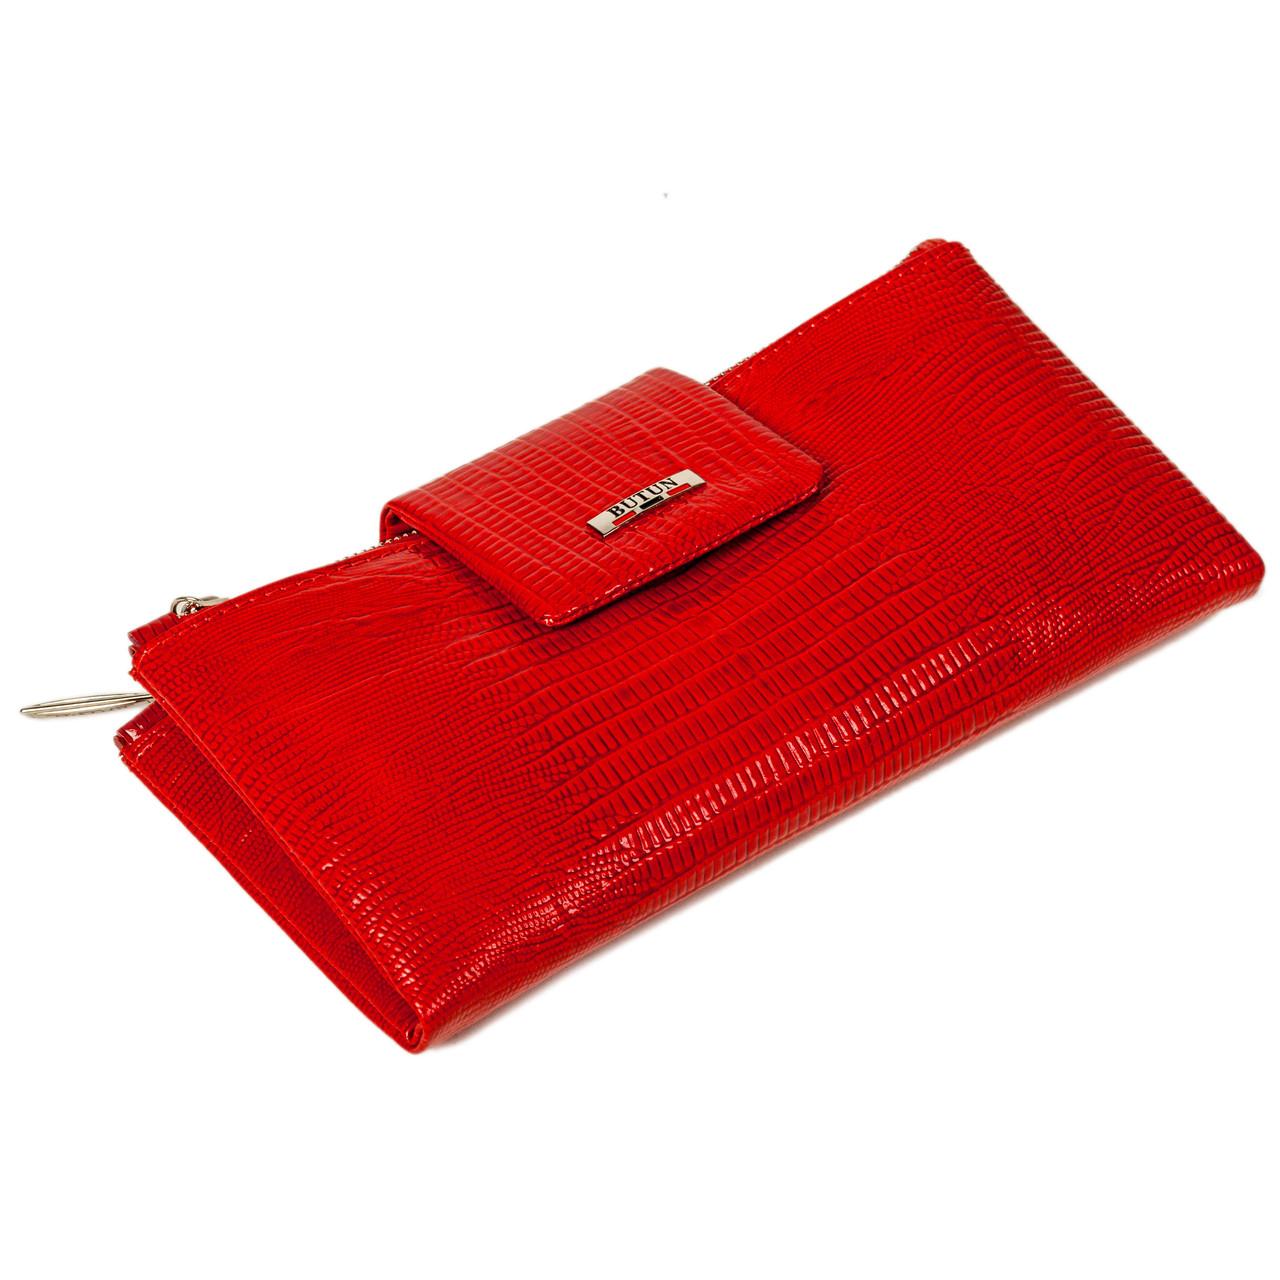 Большой женский кошелек BUTUN 507-005-006 кожаный красный